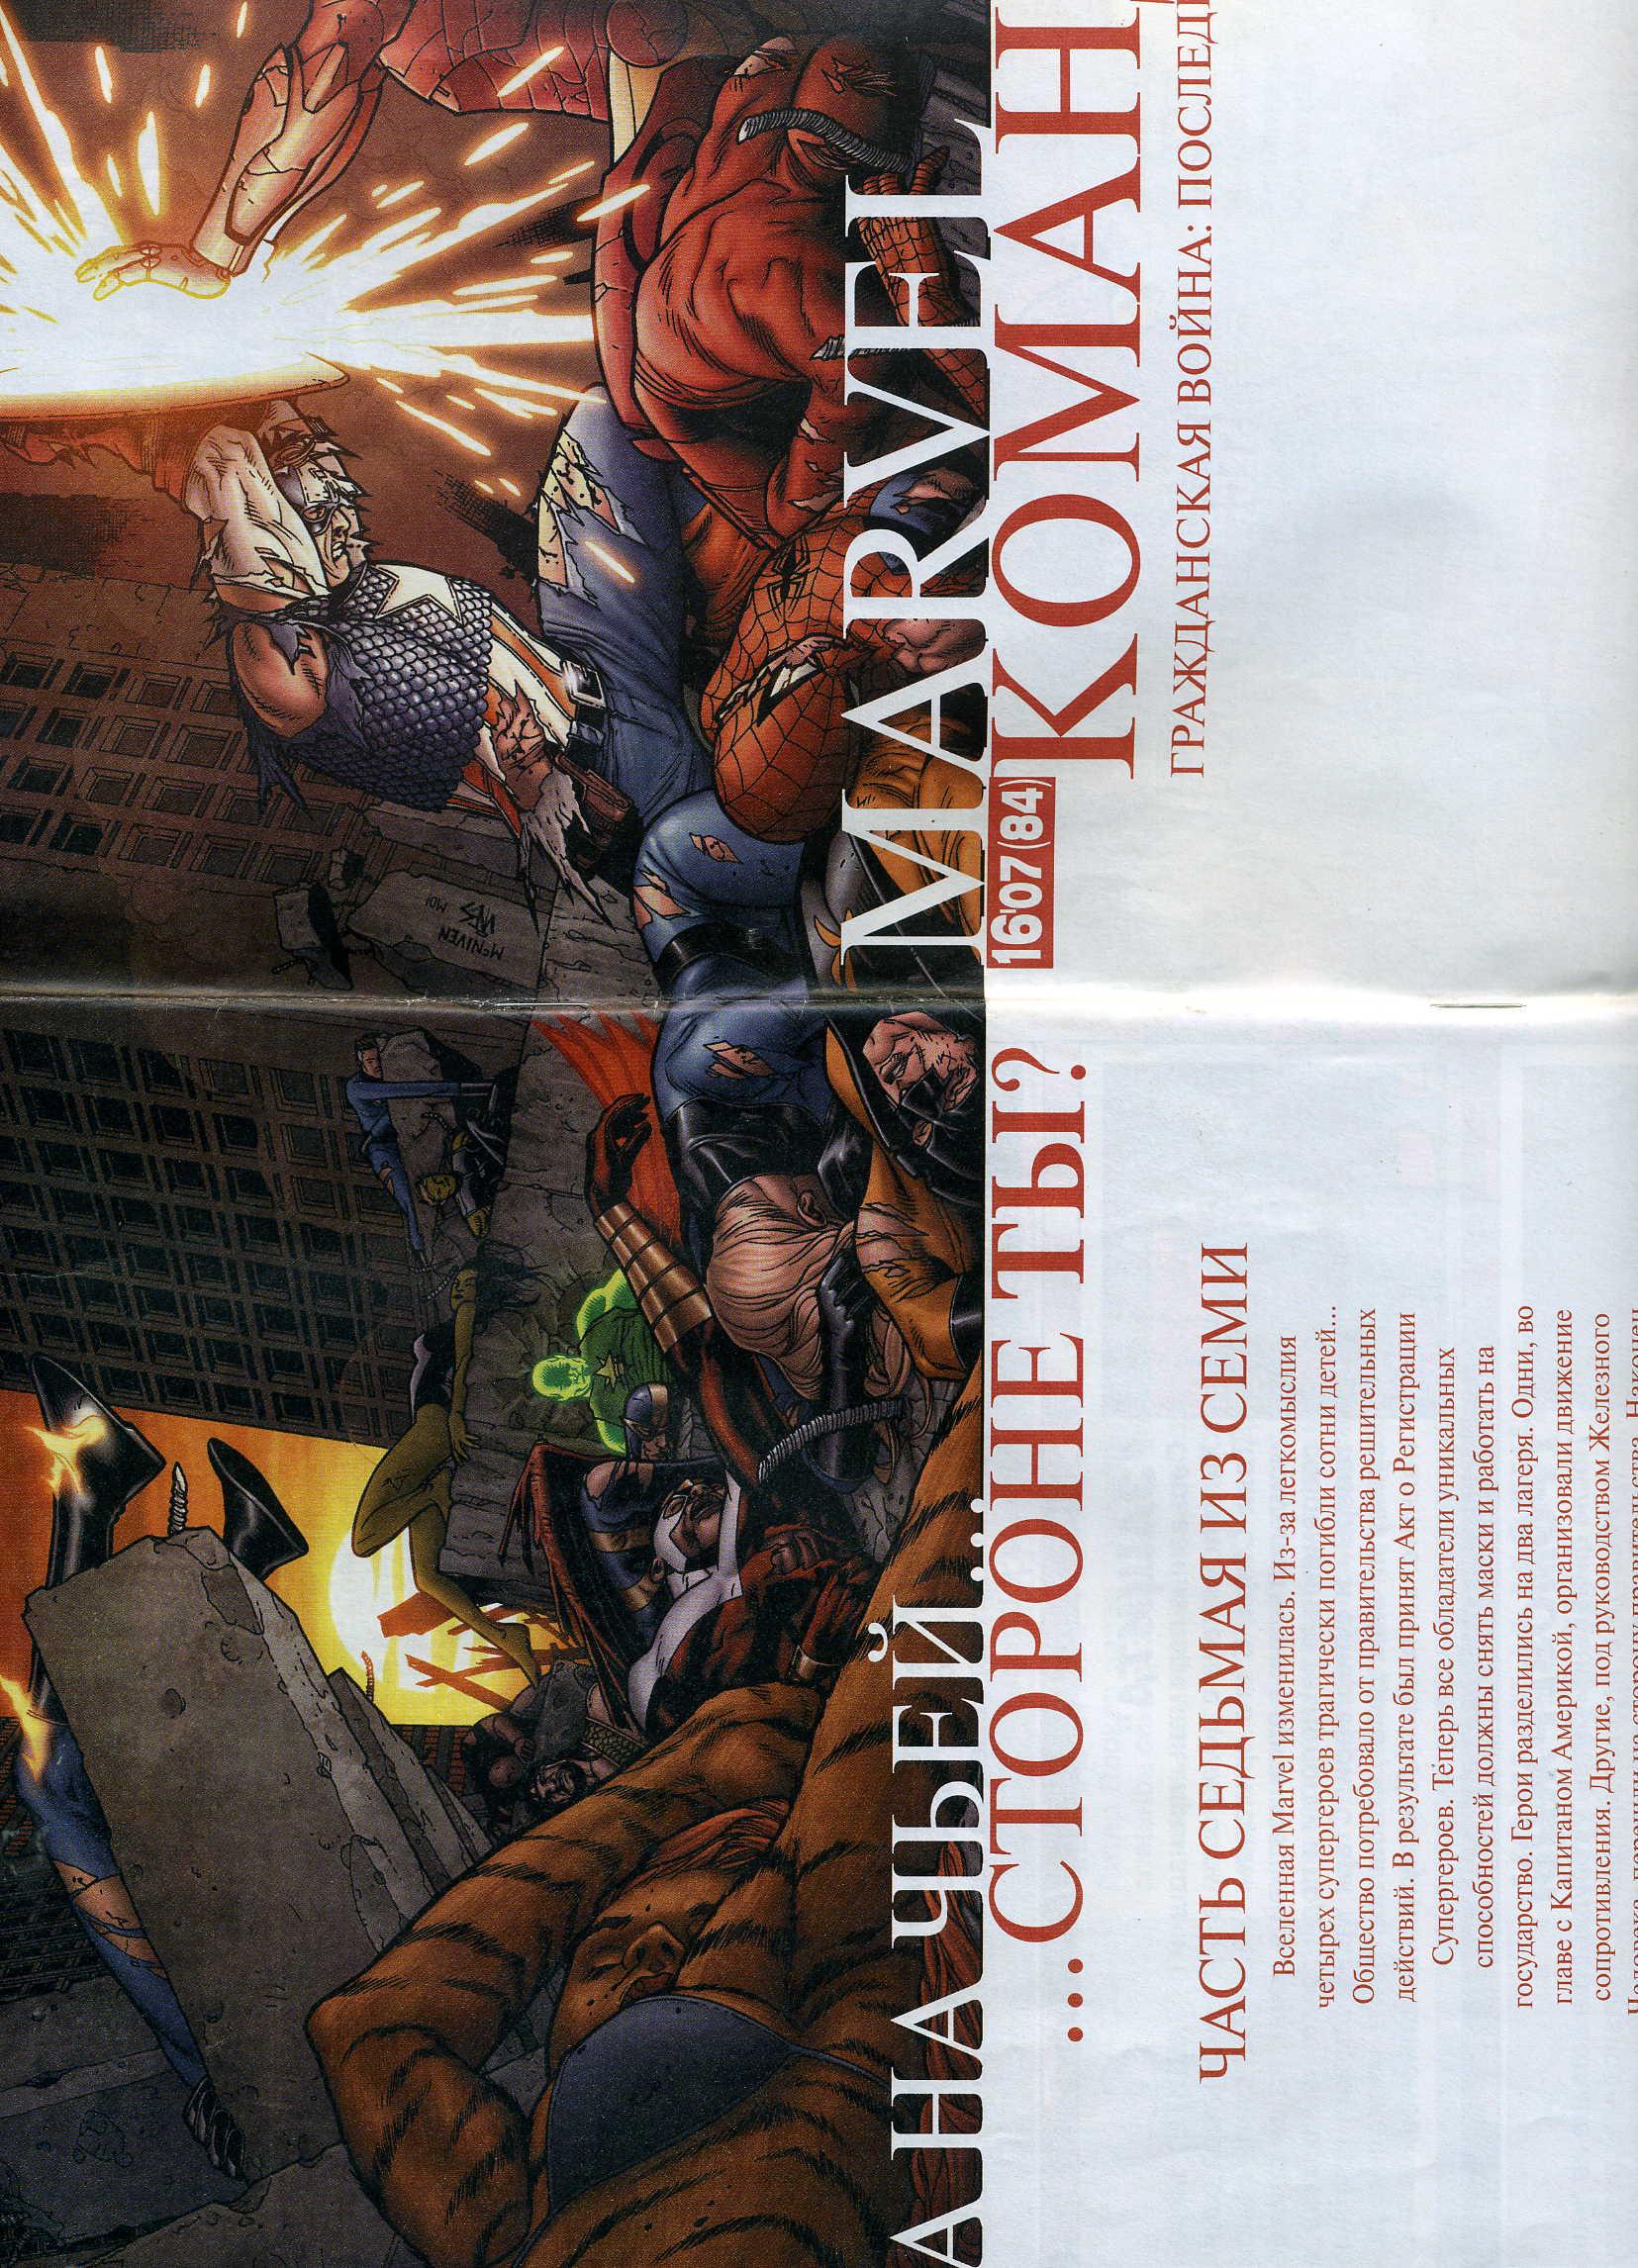 Комиксы Онлайн - Марвел Команда ИДК - # 7 - Страница №1 - Marvel Команда ИДК - Marvel Команда # 84